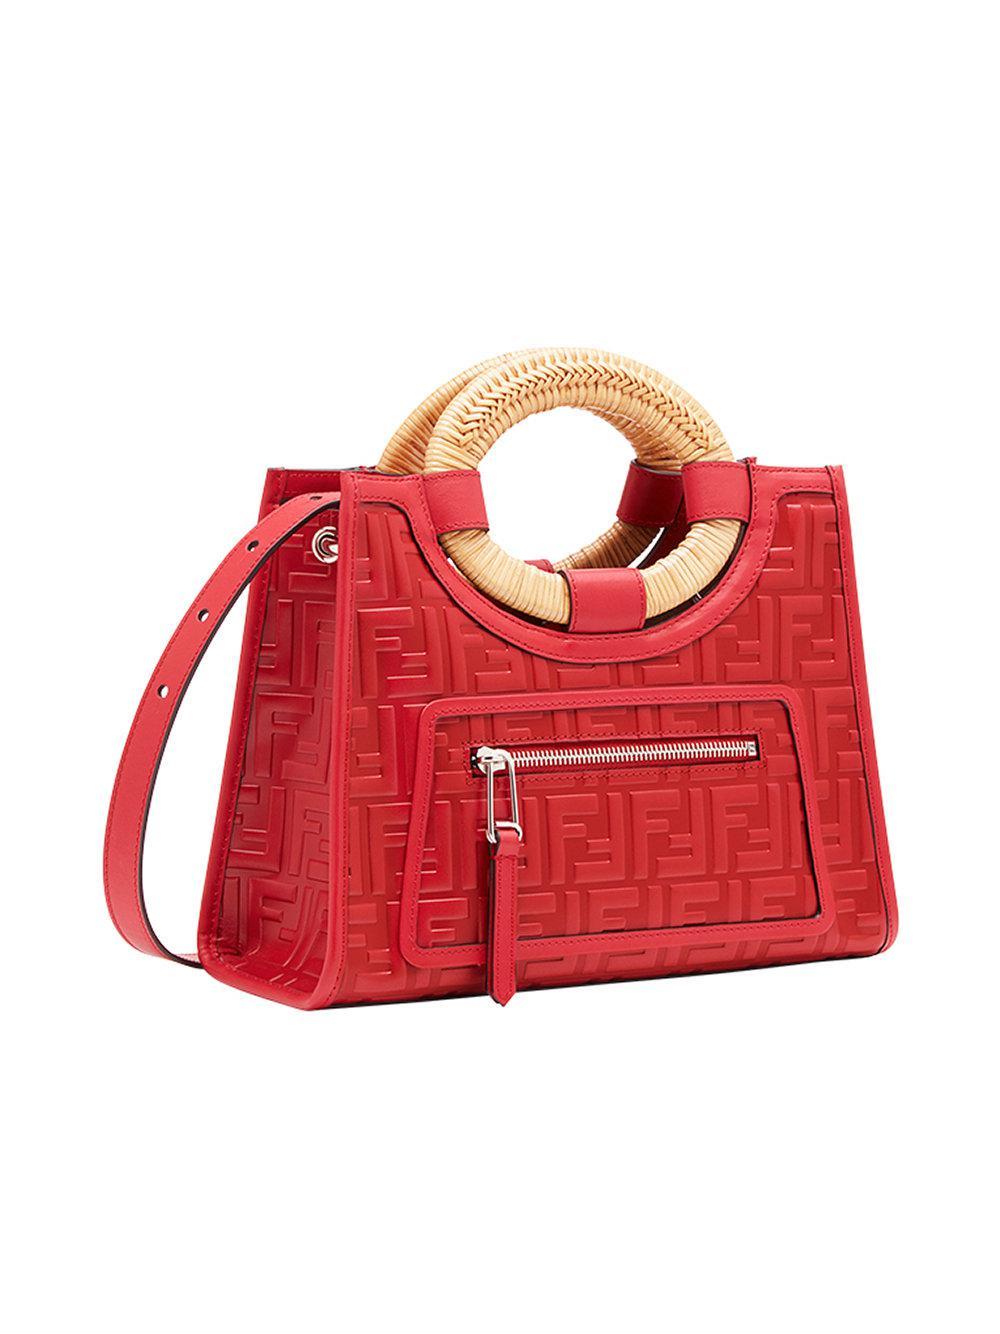 Fendi - Red Runaway Shopper Bag - Lyst. View fullscreen b397c1aaaa4bb